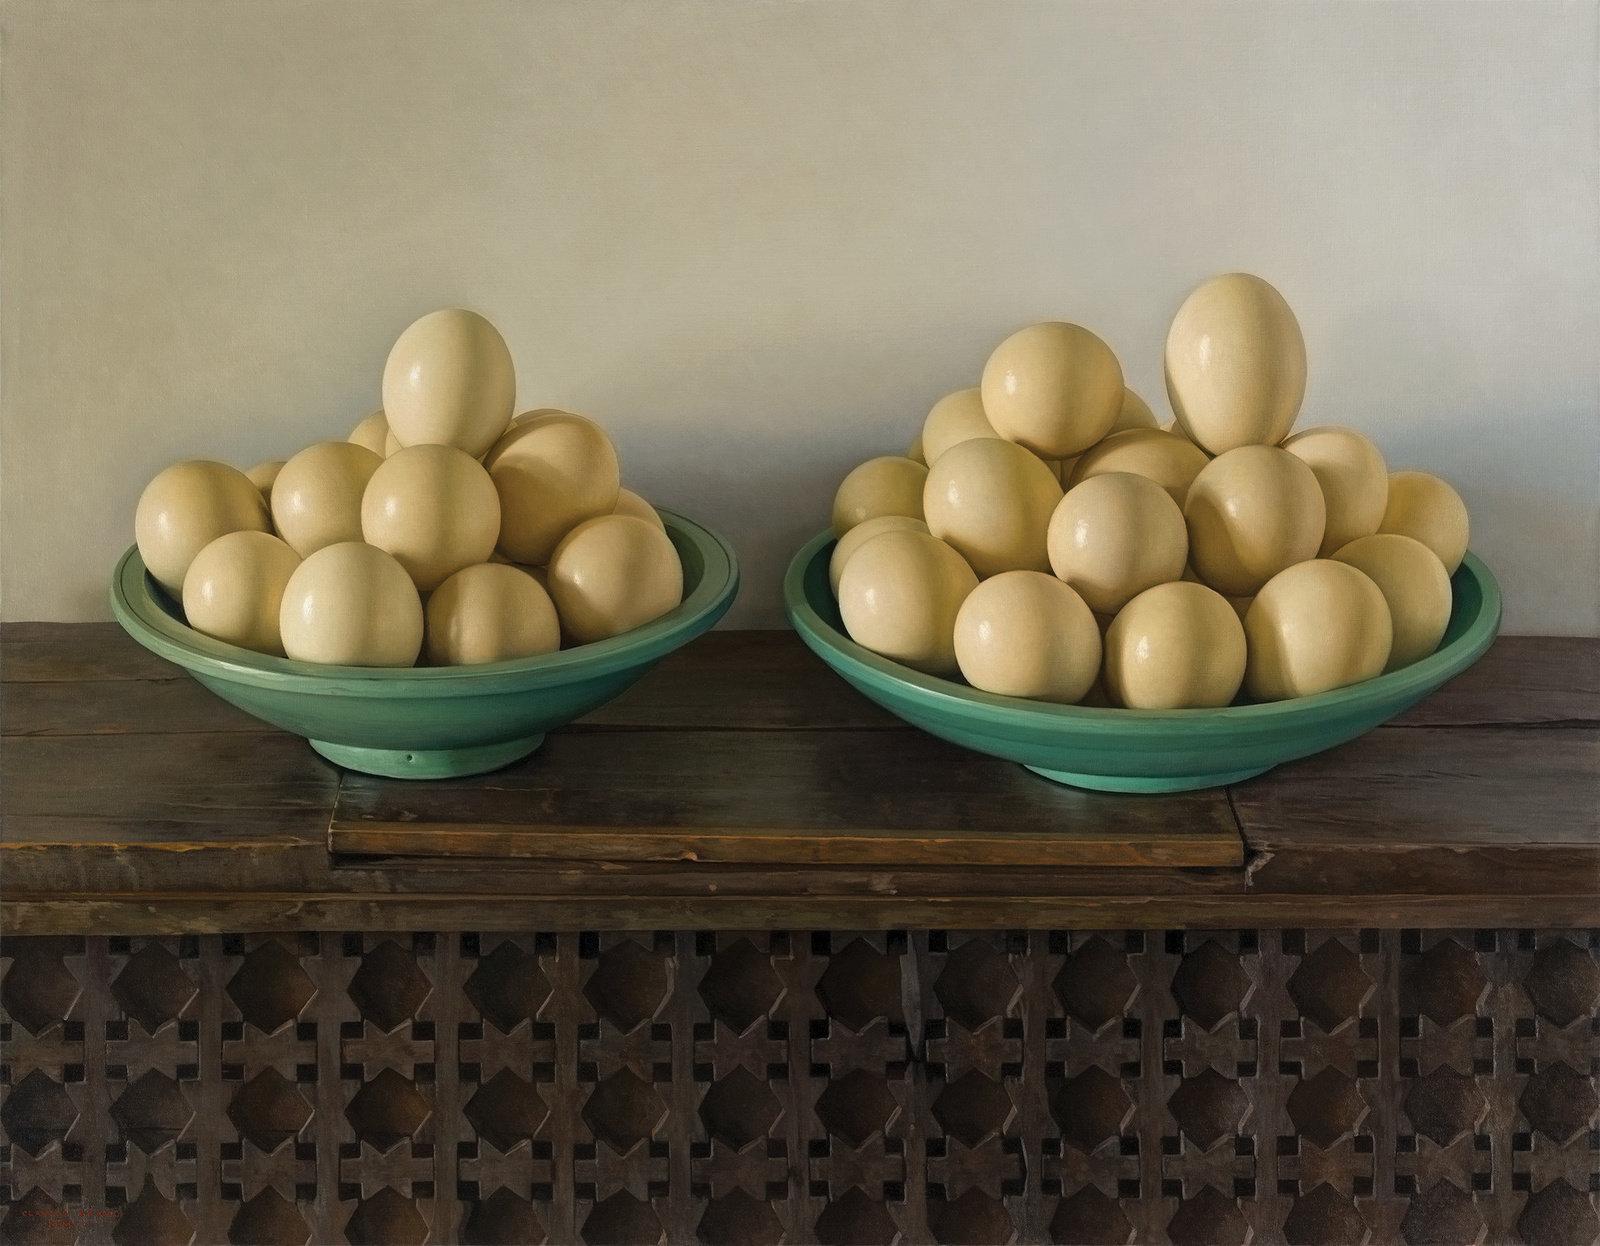 Claudio  ravo Camus Ostrich eggs